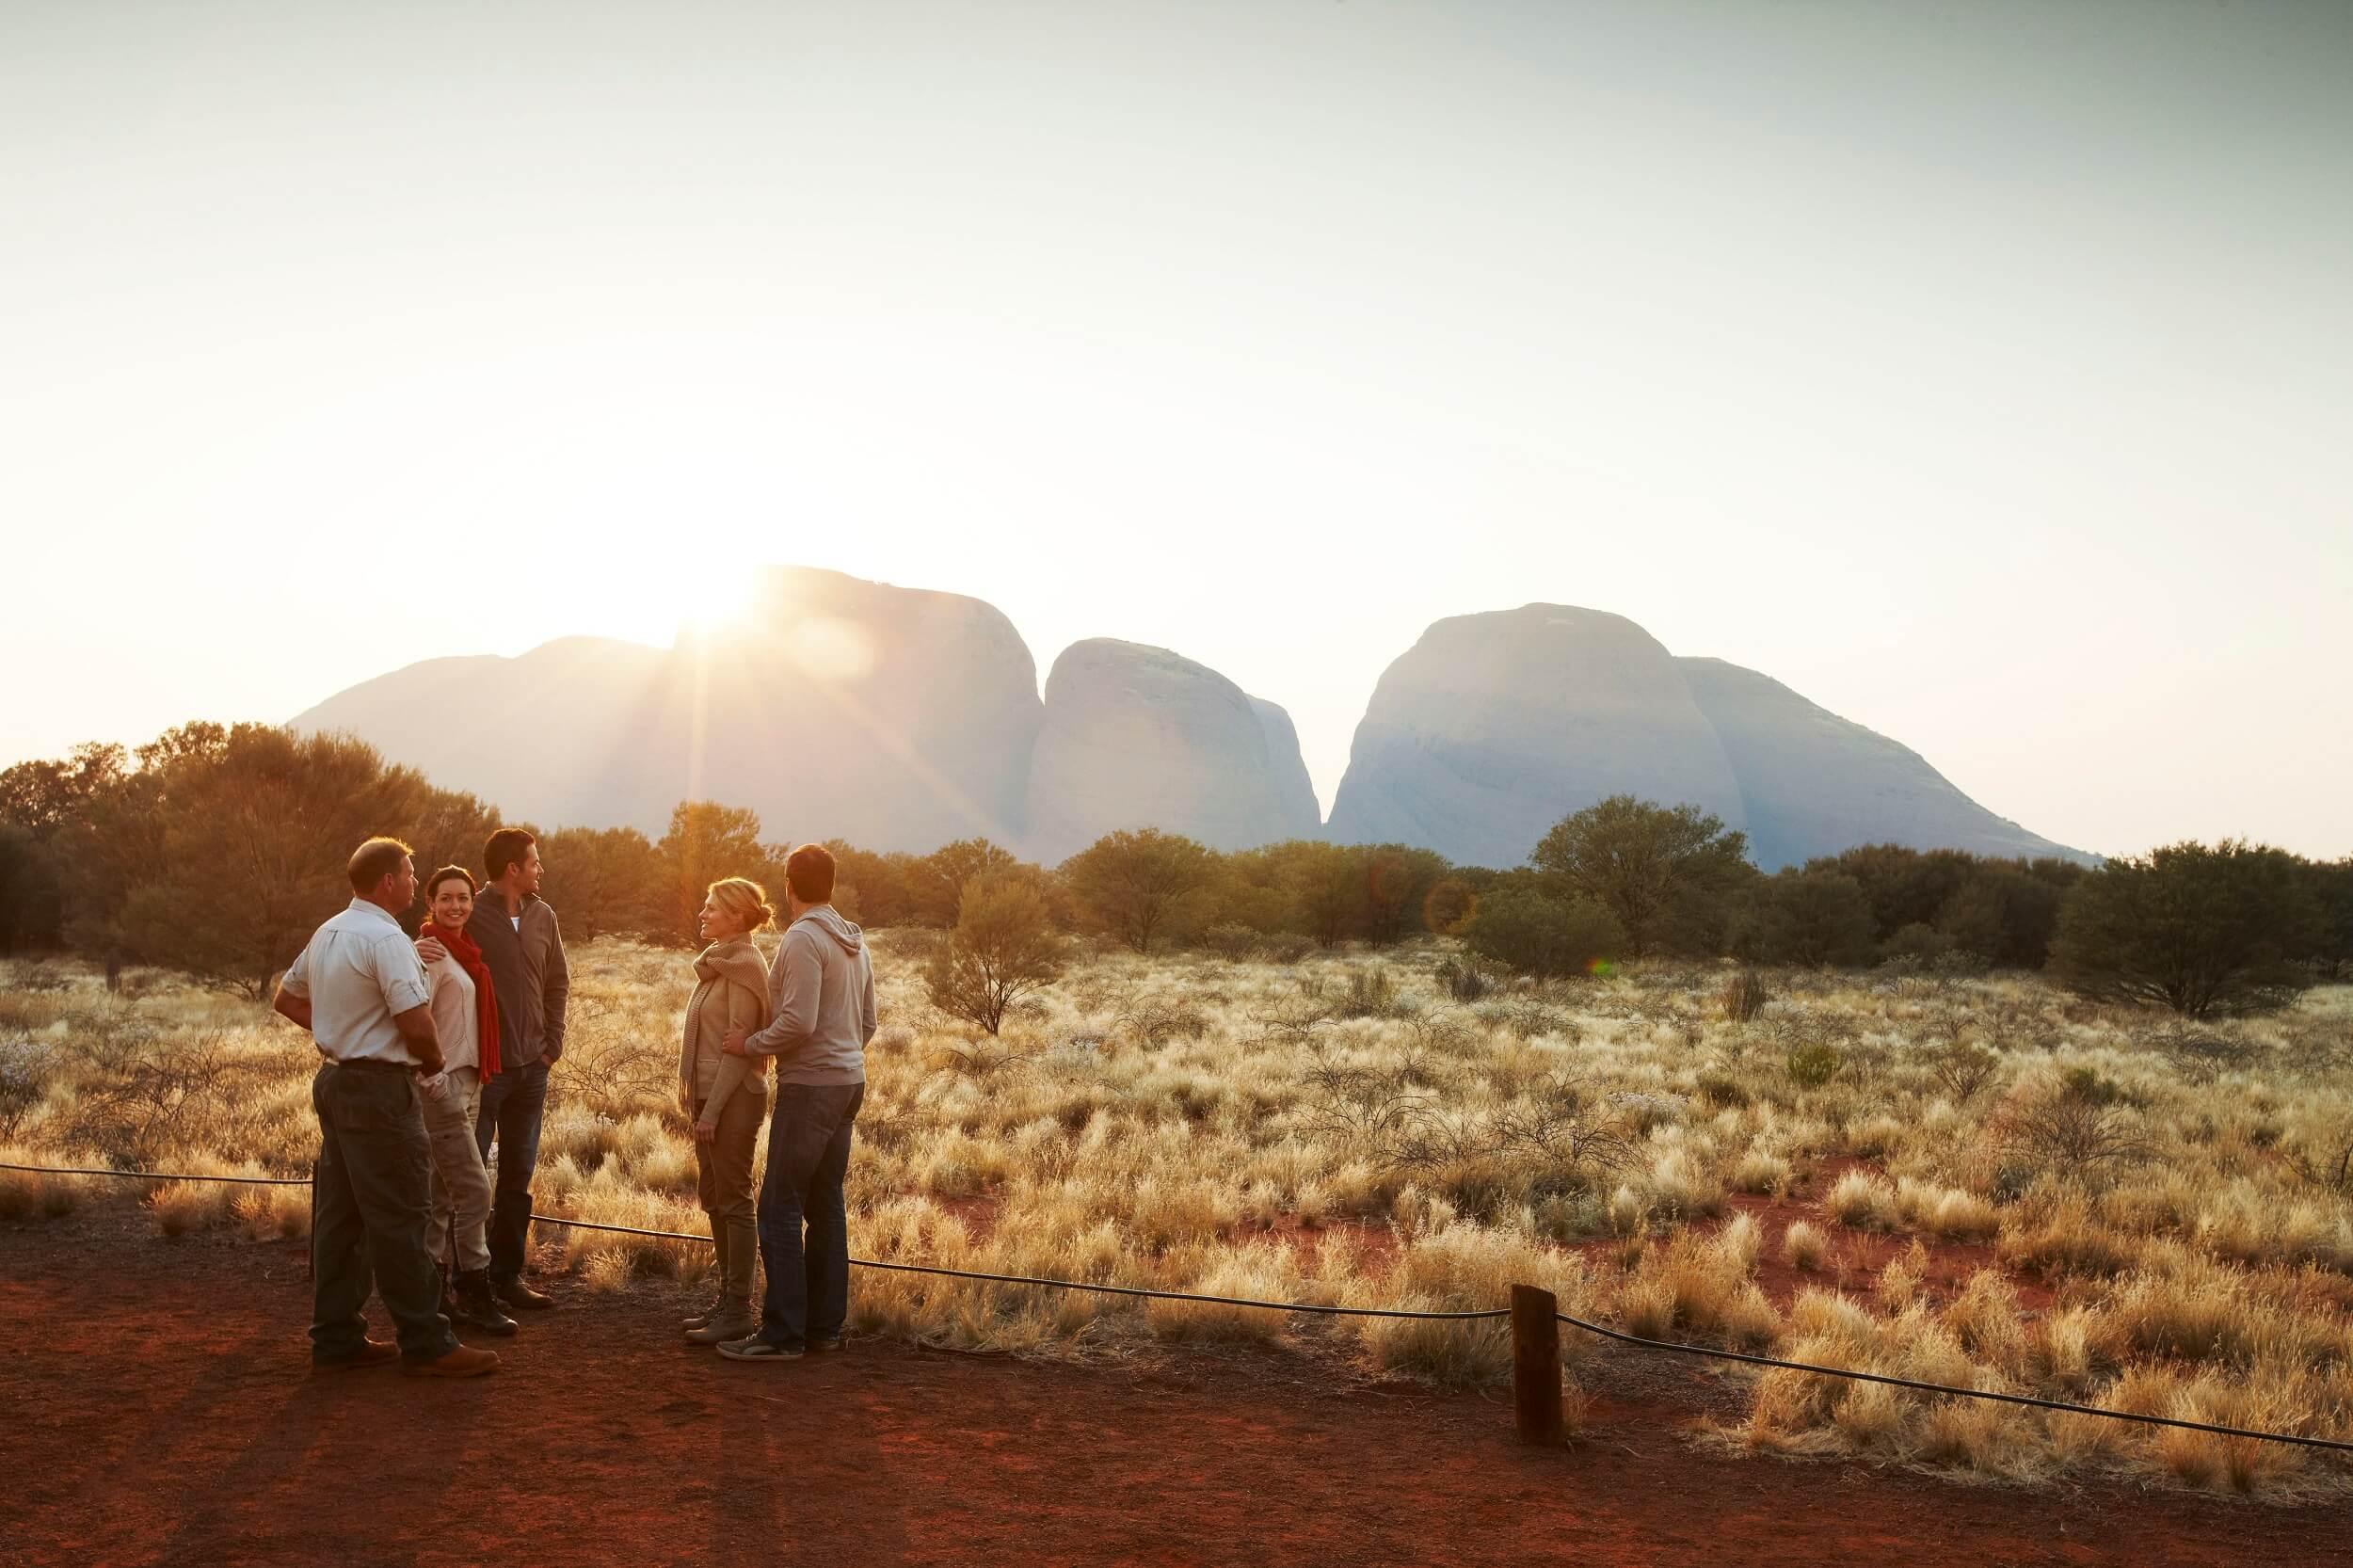 Longitude-131_Ayers-Rock-Uluru_Kata-Tjuta_Sunrise.jpg